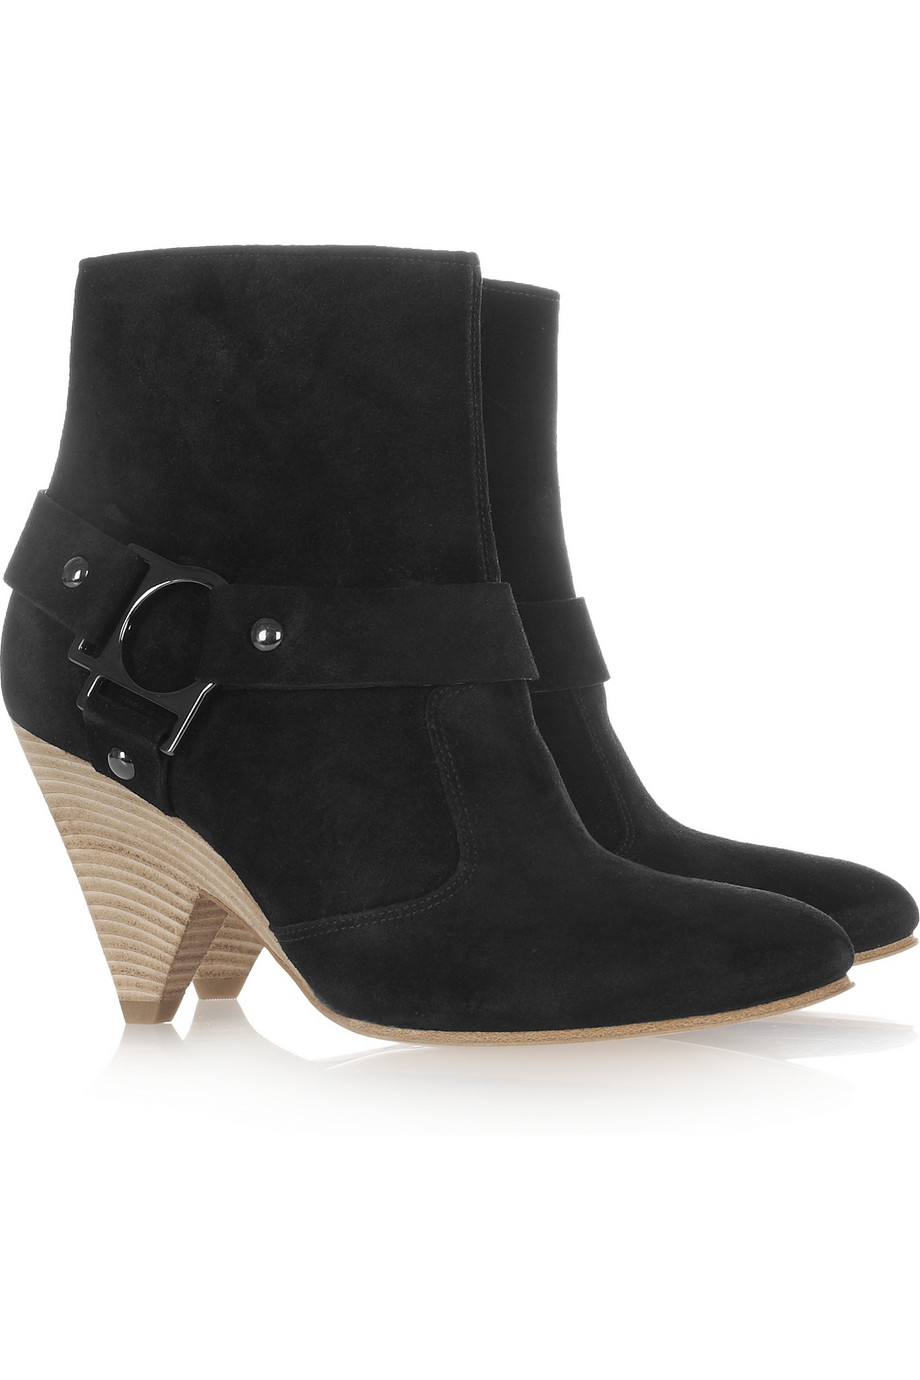 Sigerson Morrison Shoes Review